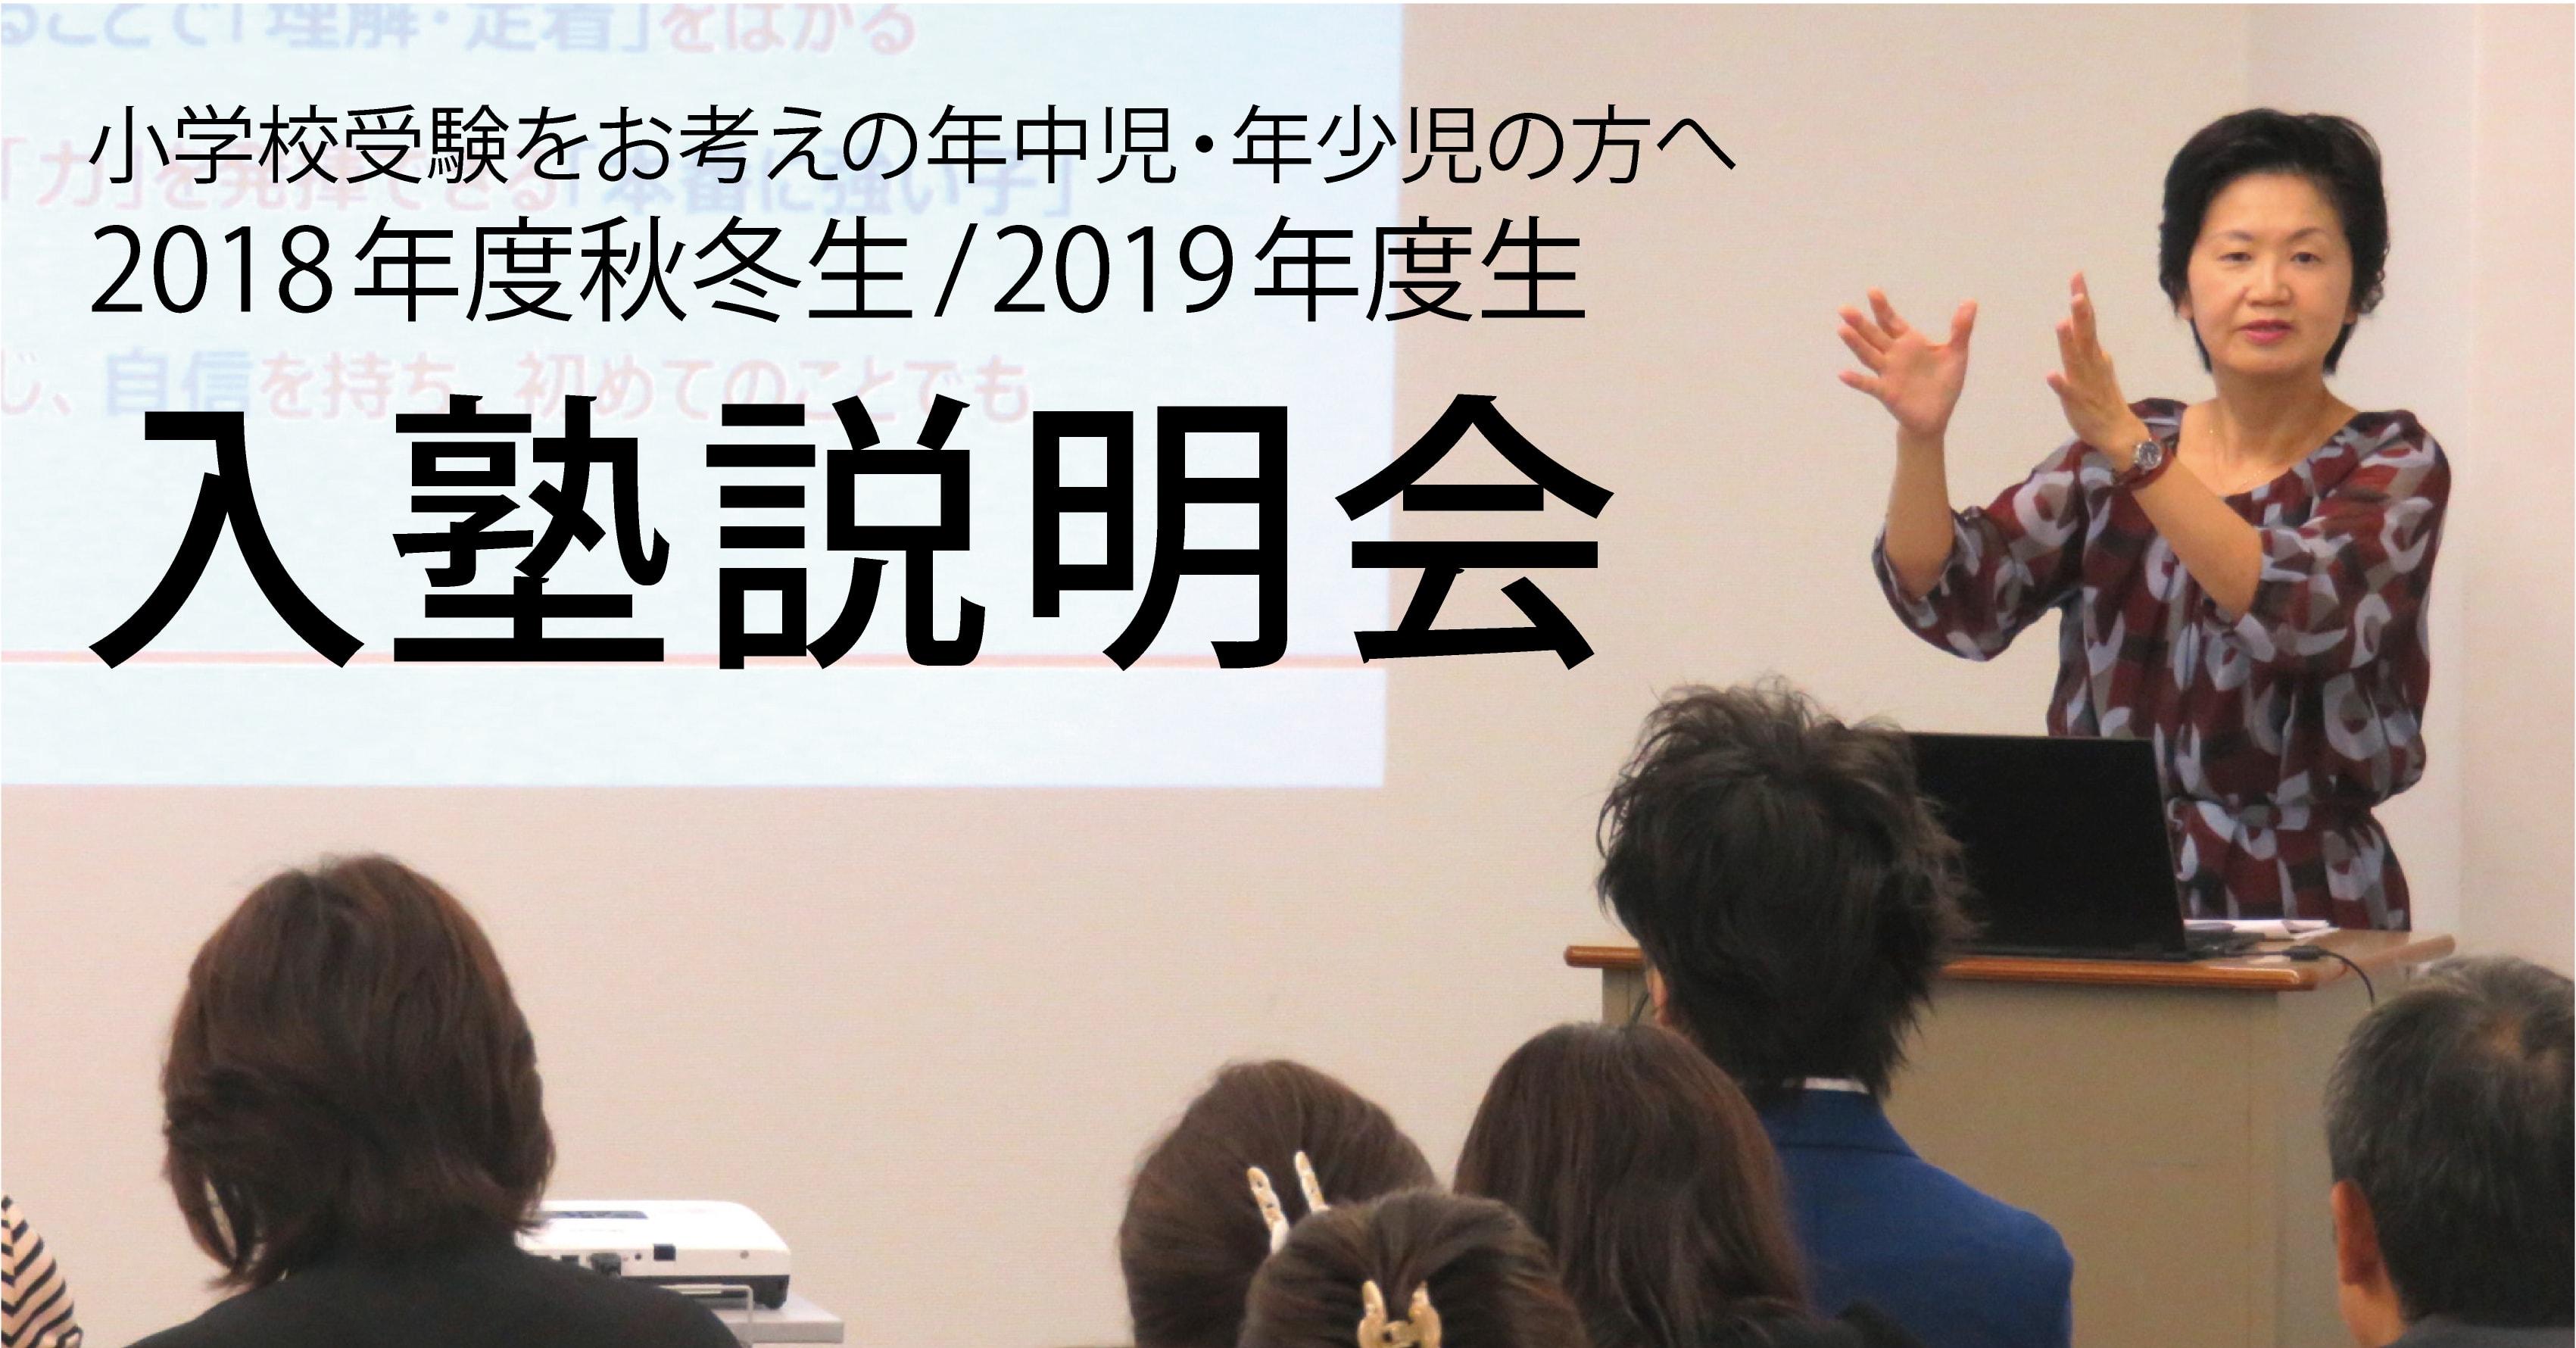 2018年度 入塾生募集 〜完全合格宣言 小学校受験への王道アンファンだけで合格できる〜